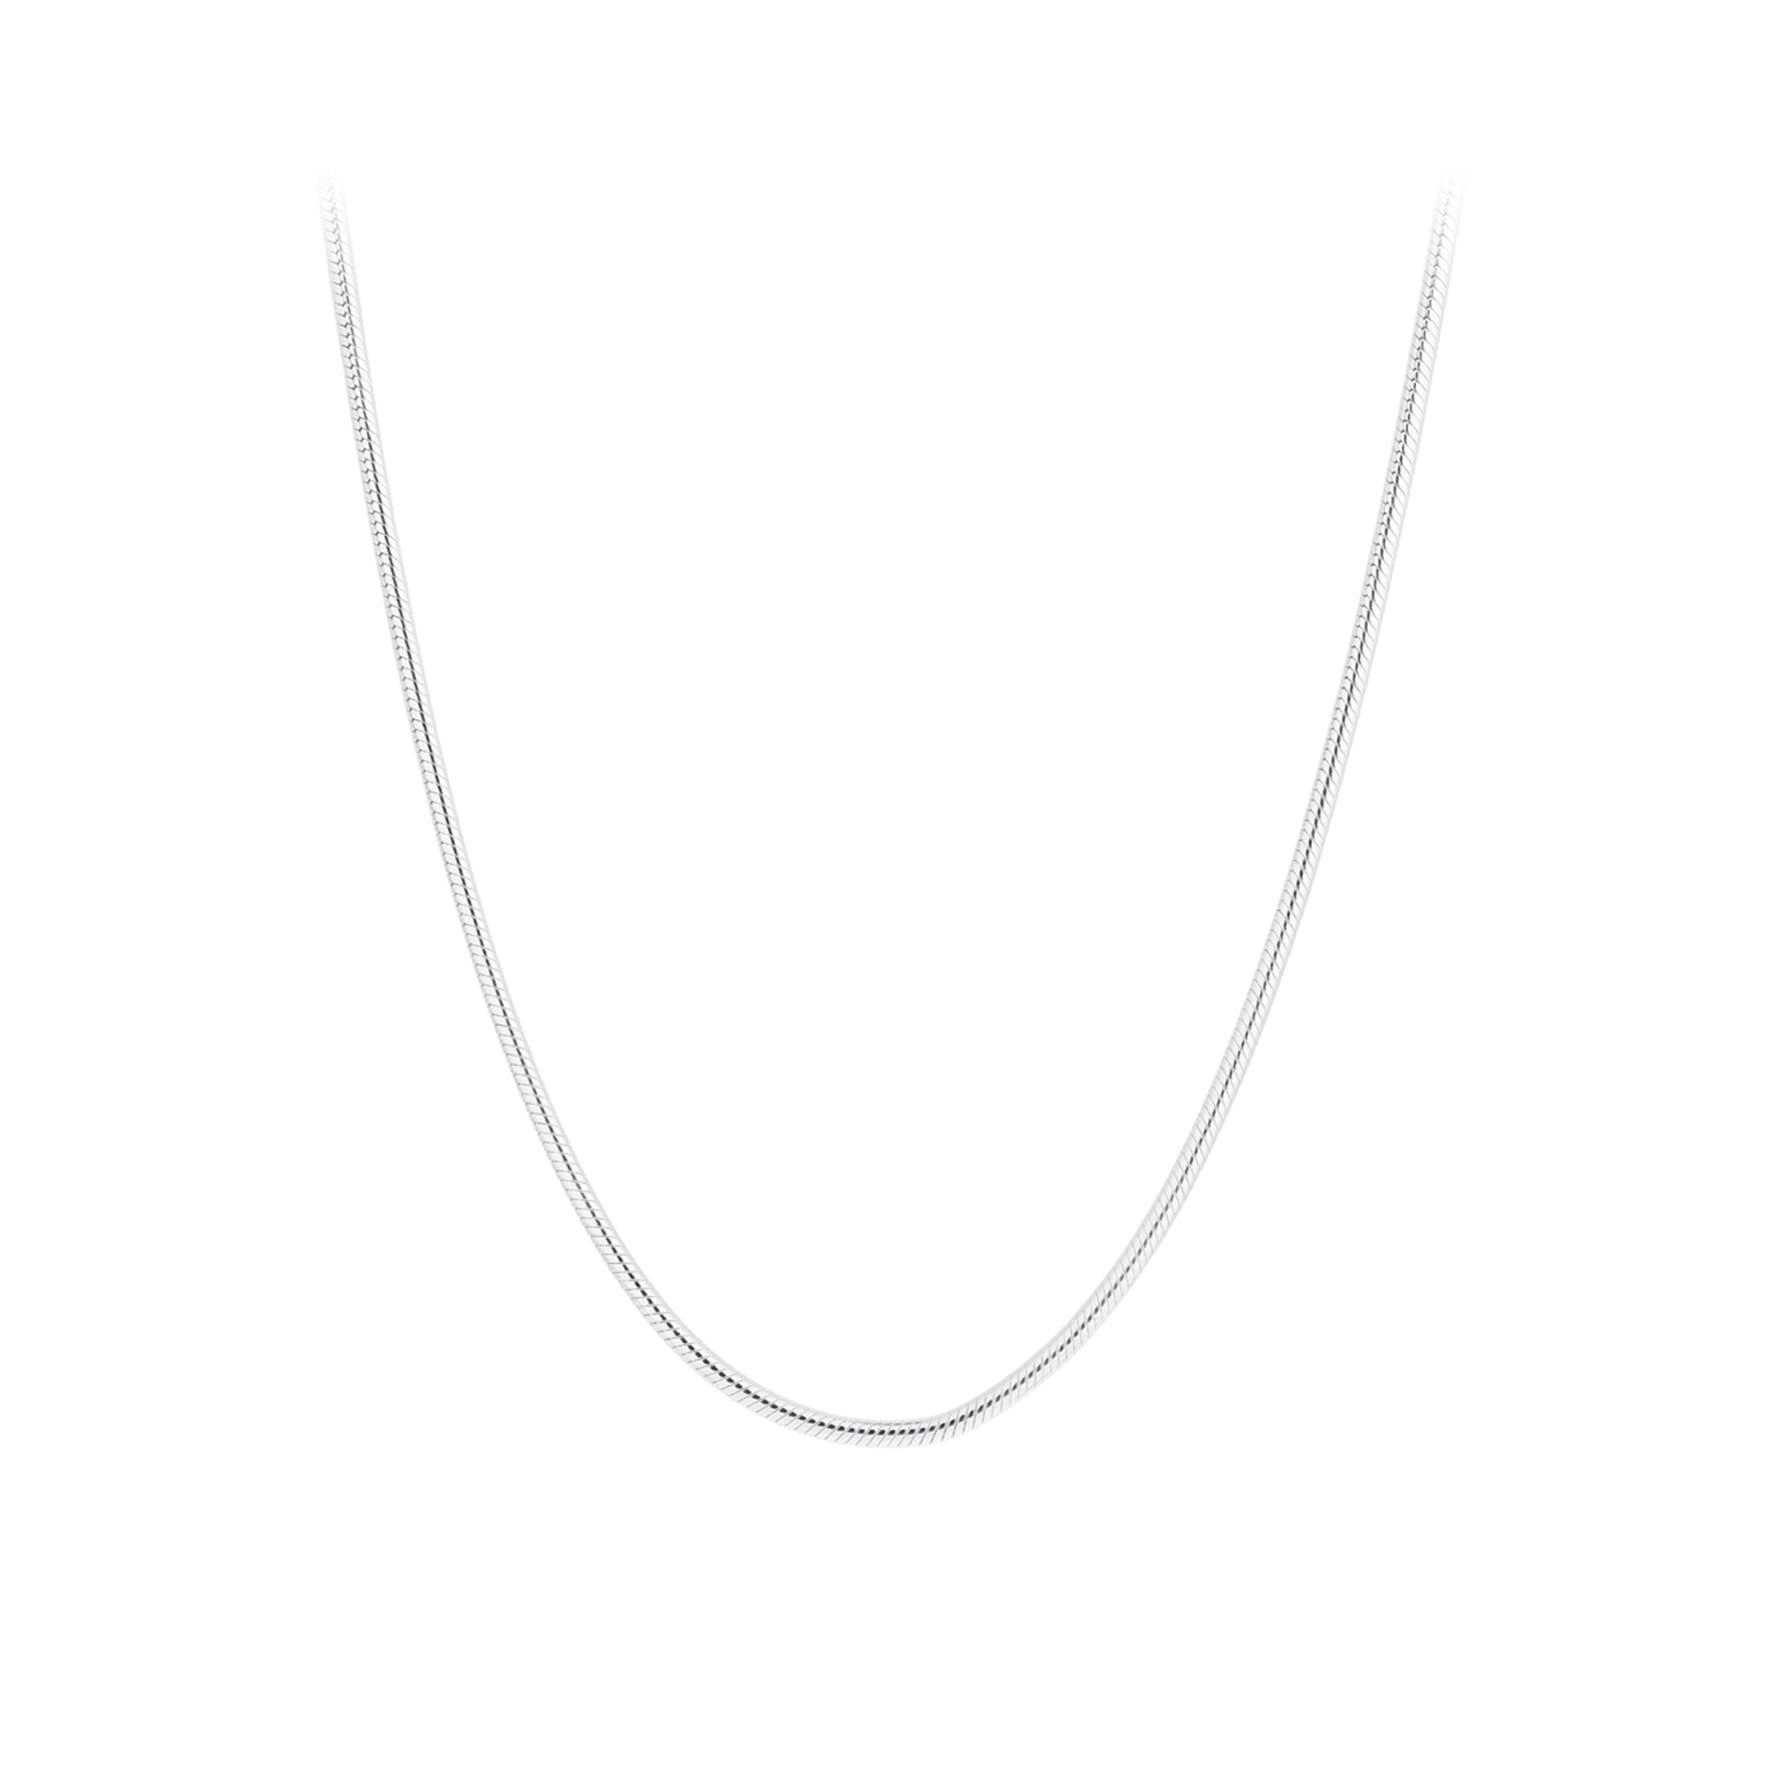 Ella Necklace fra Pernille Corydon i Sølv Sterling 925